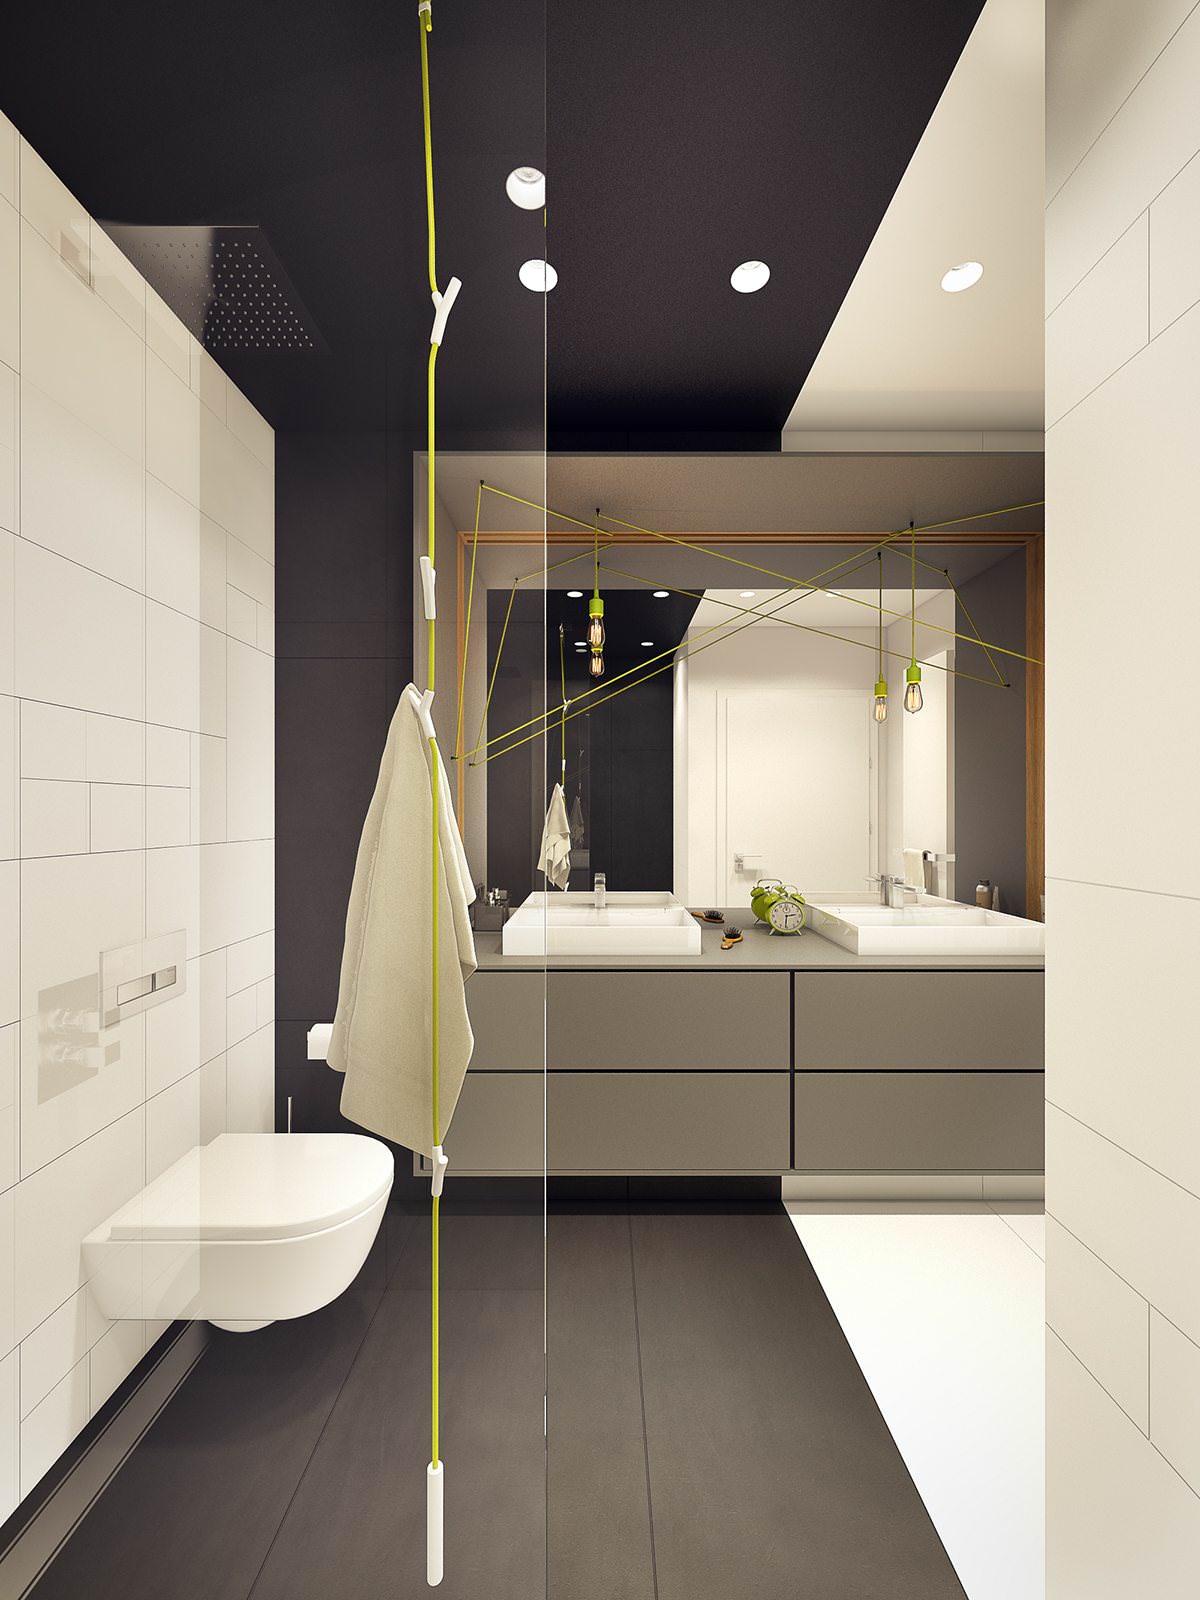 interioren-proekt-za-apartament-v-moderen-skandinavski-stil-922f